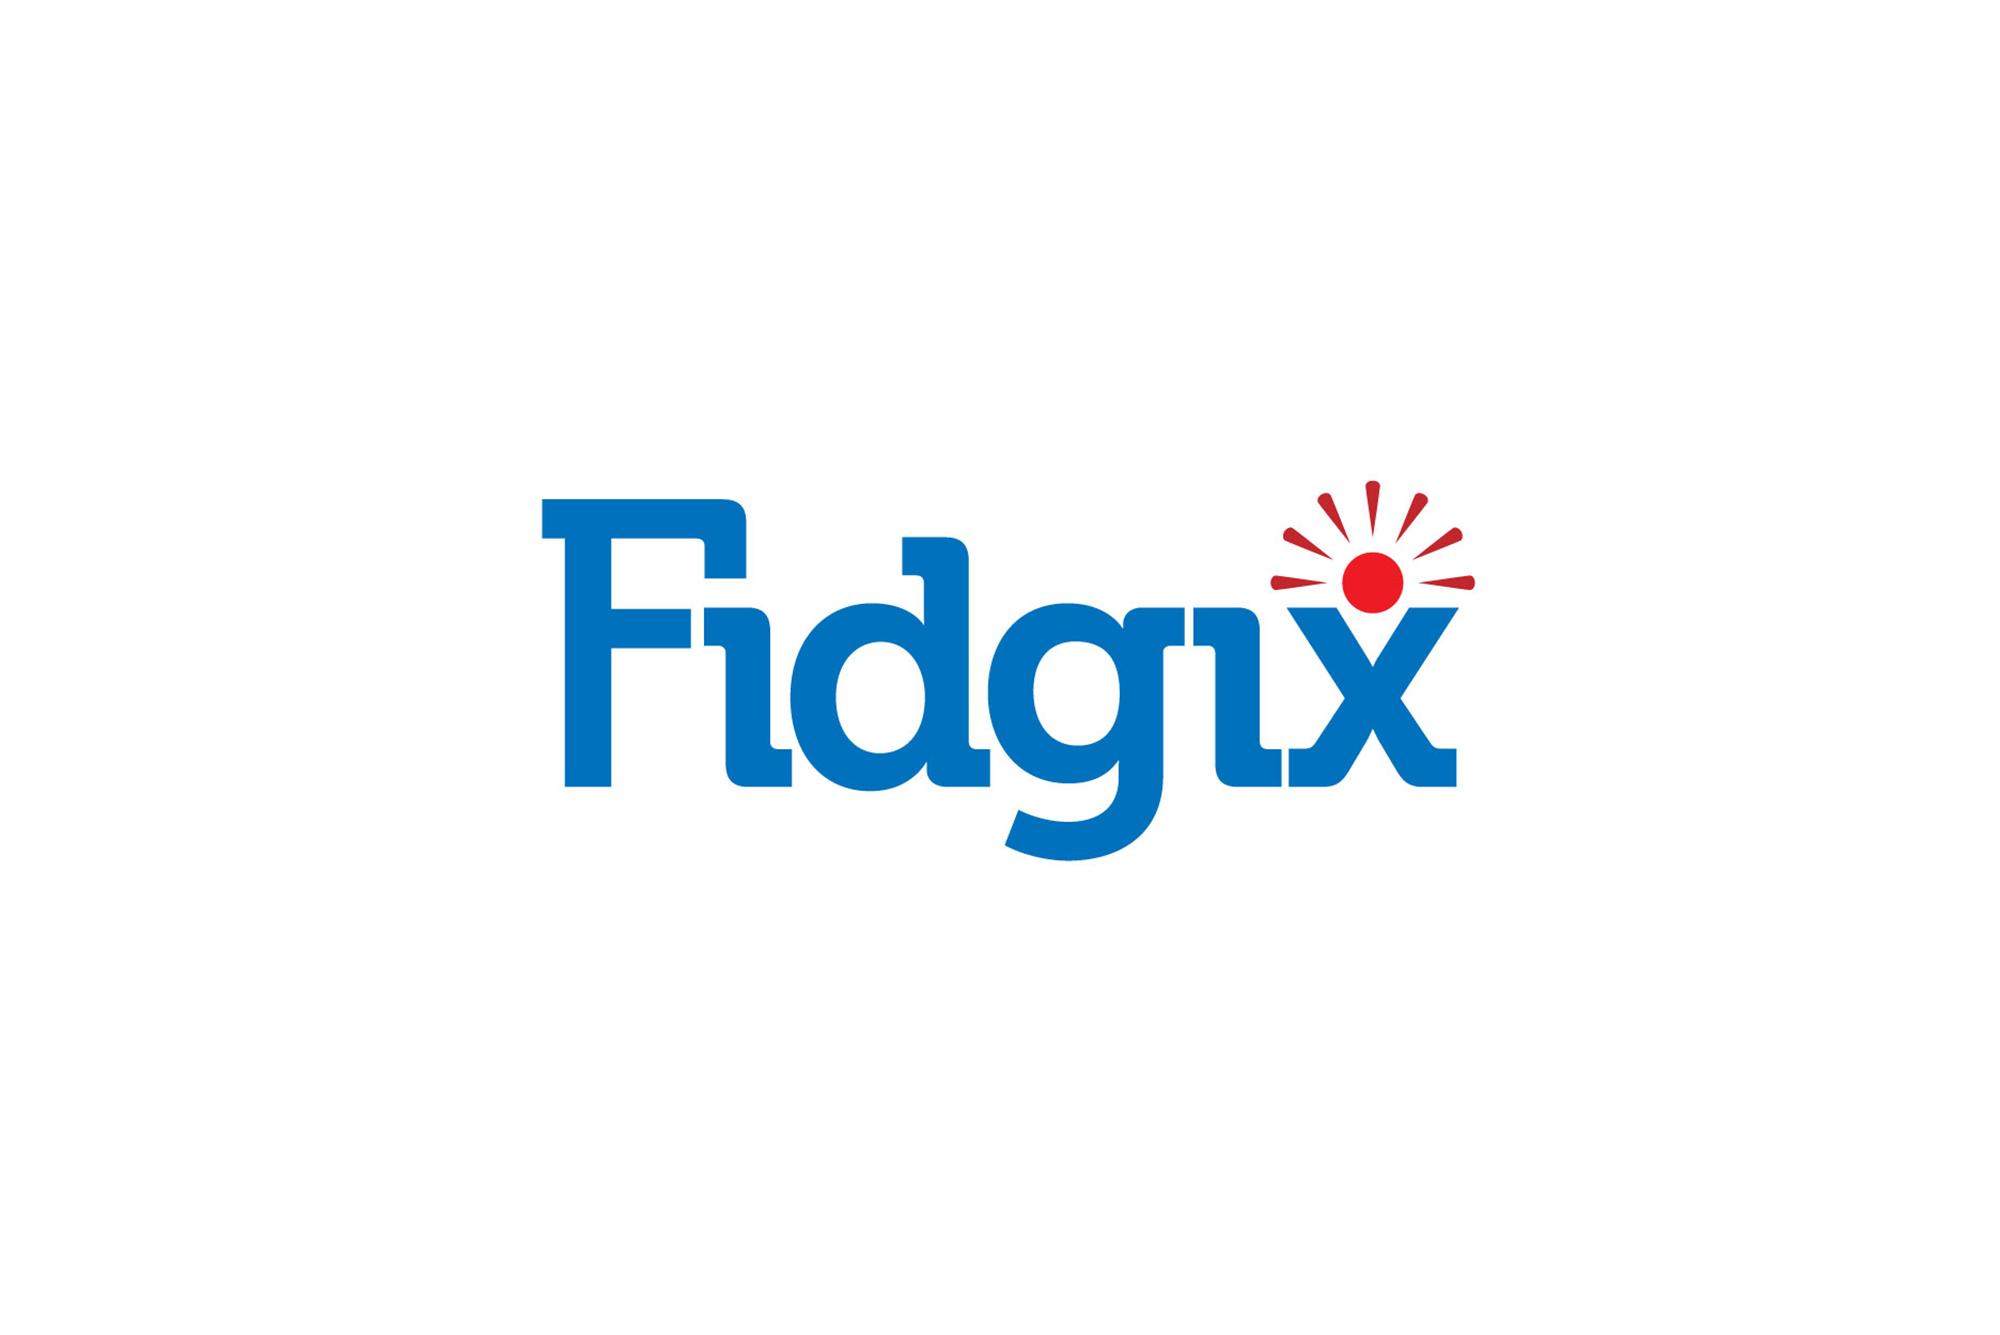 fidgix